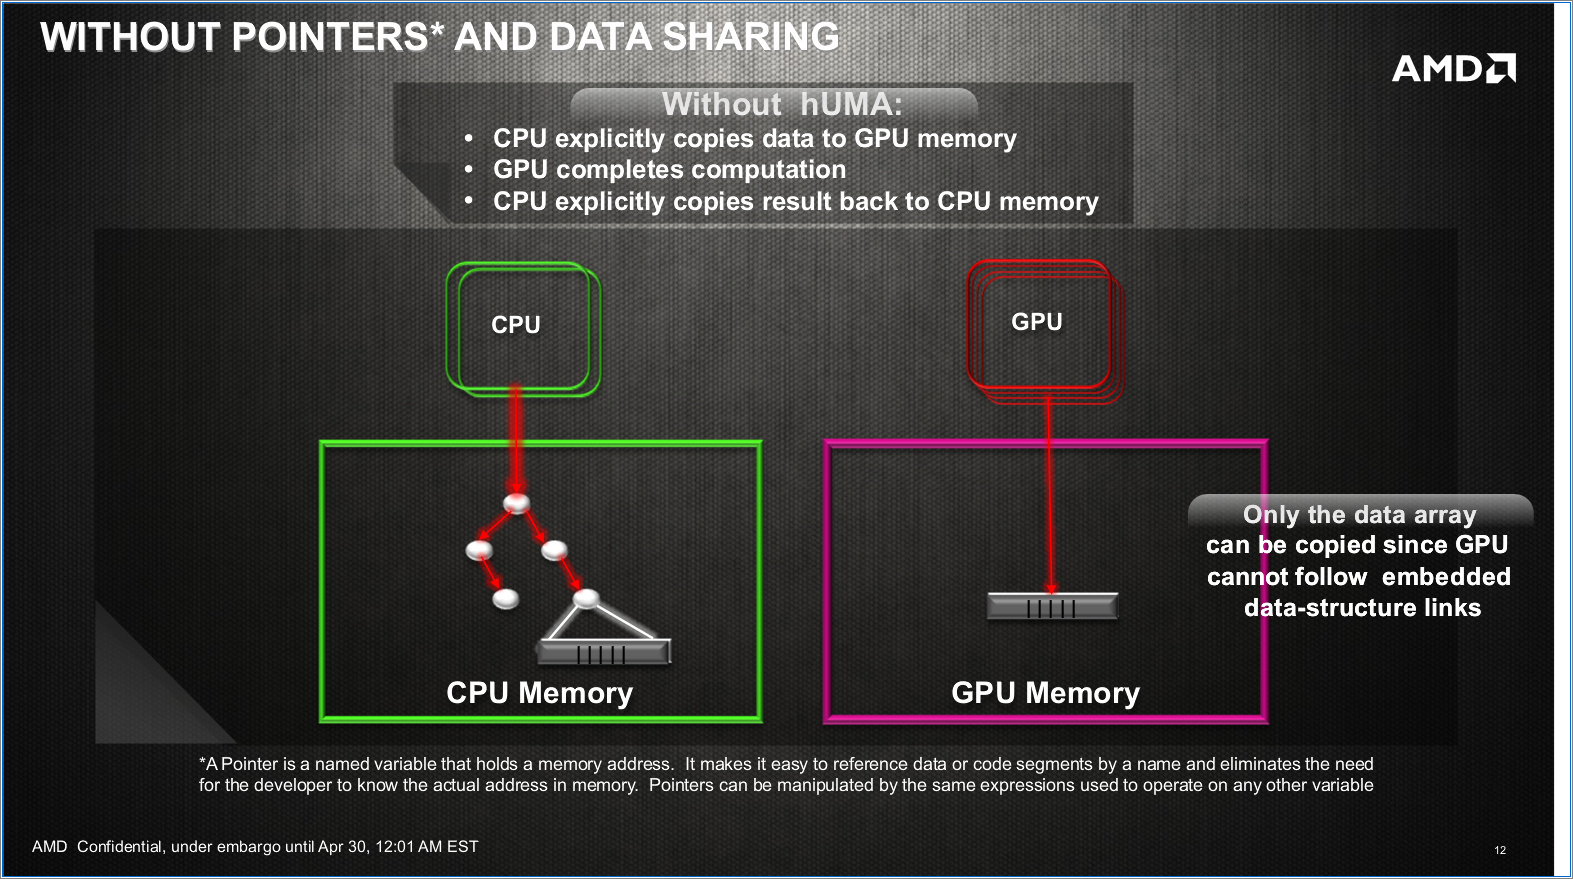 Huma: Gemeinsamer Speicher für CPU und GPU nicht nur für PS4 - Ohne Huma: CPU und GPU haben getrennte Speicher. (Folien: AMD)